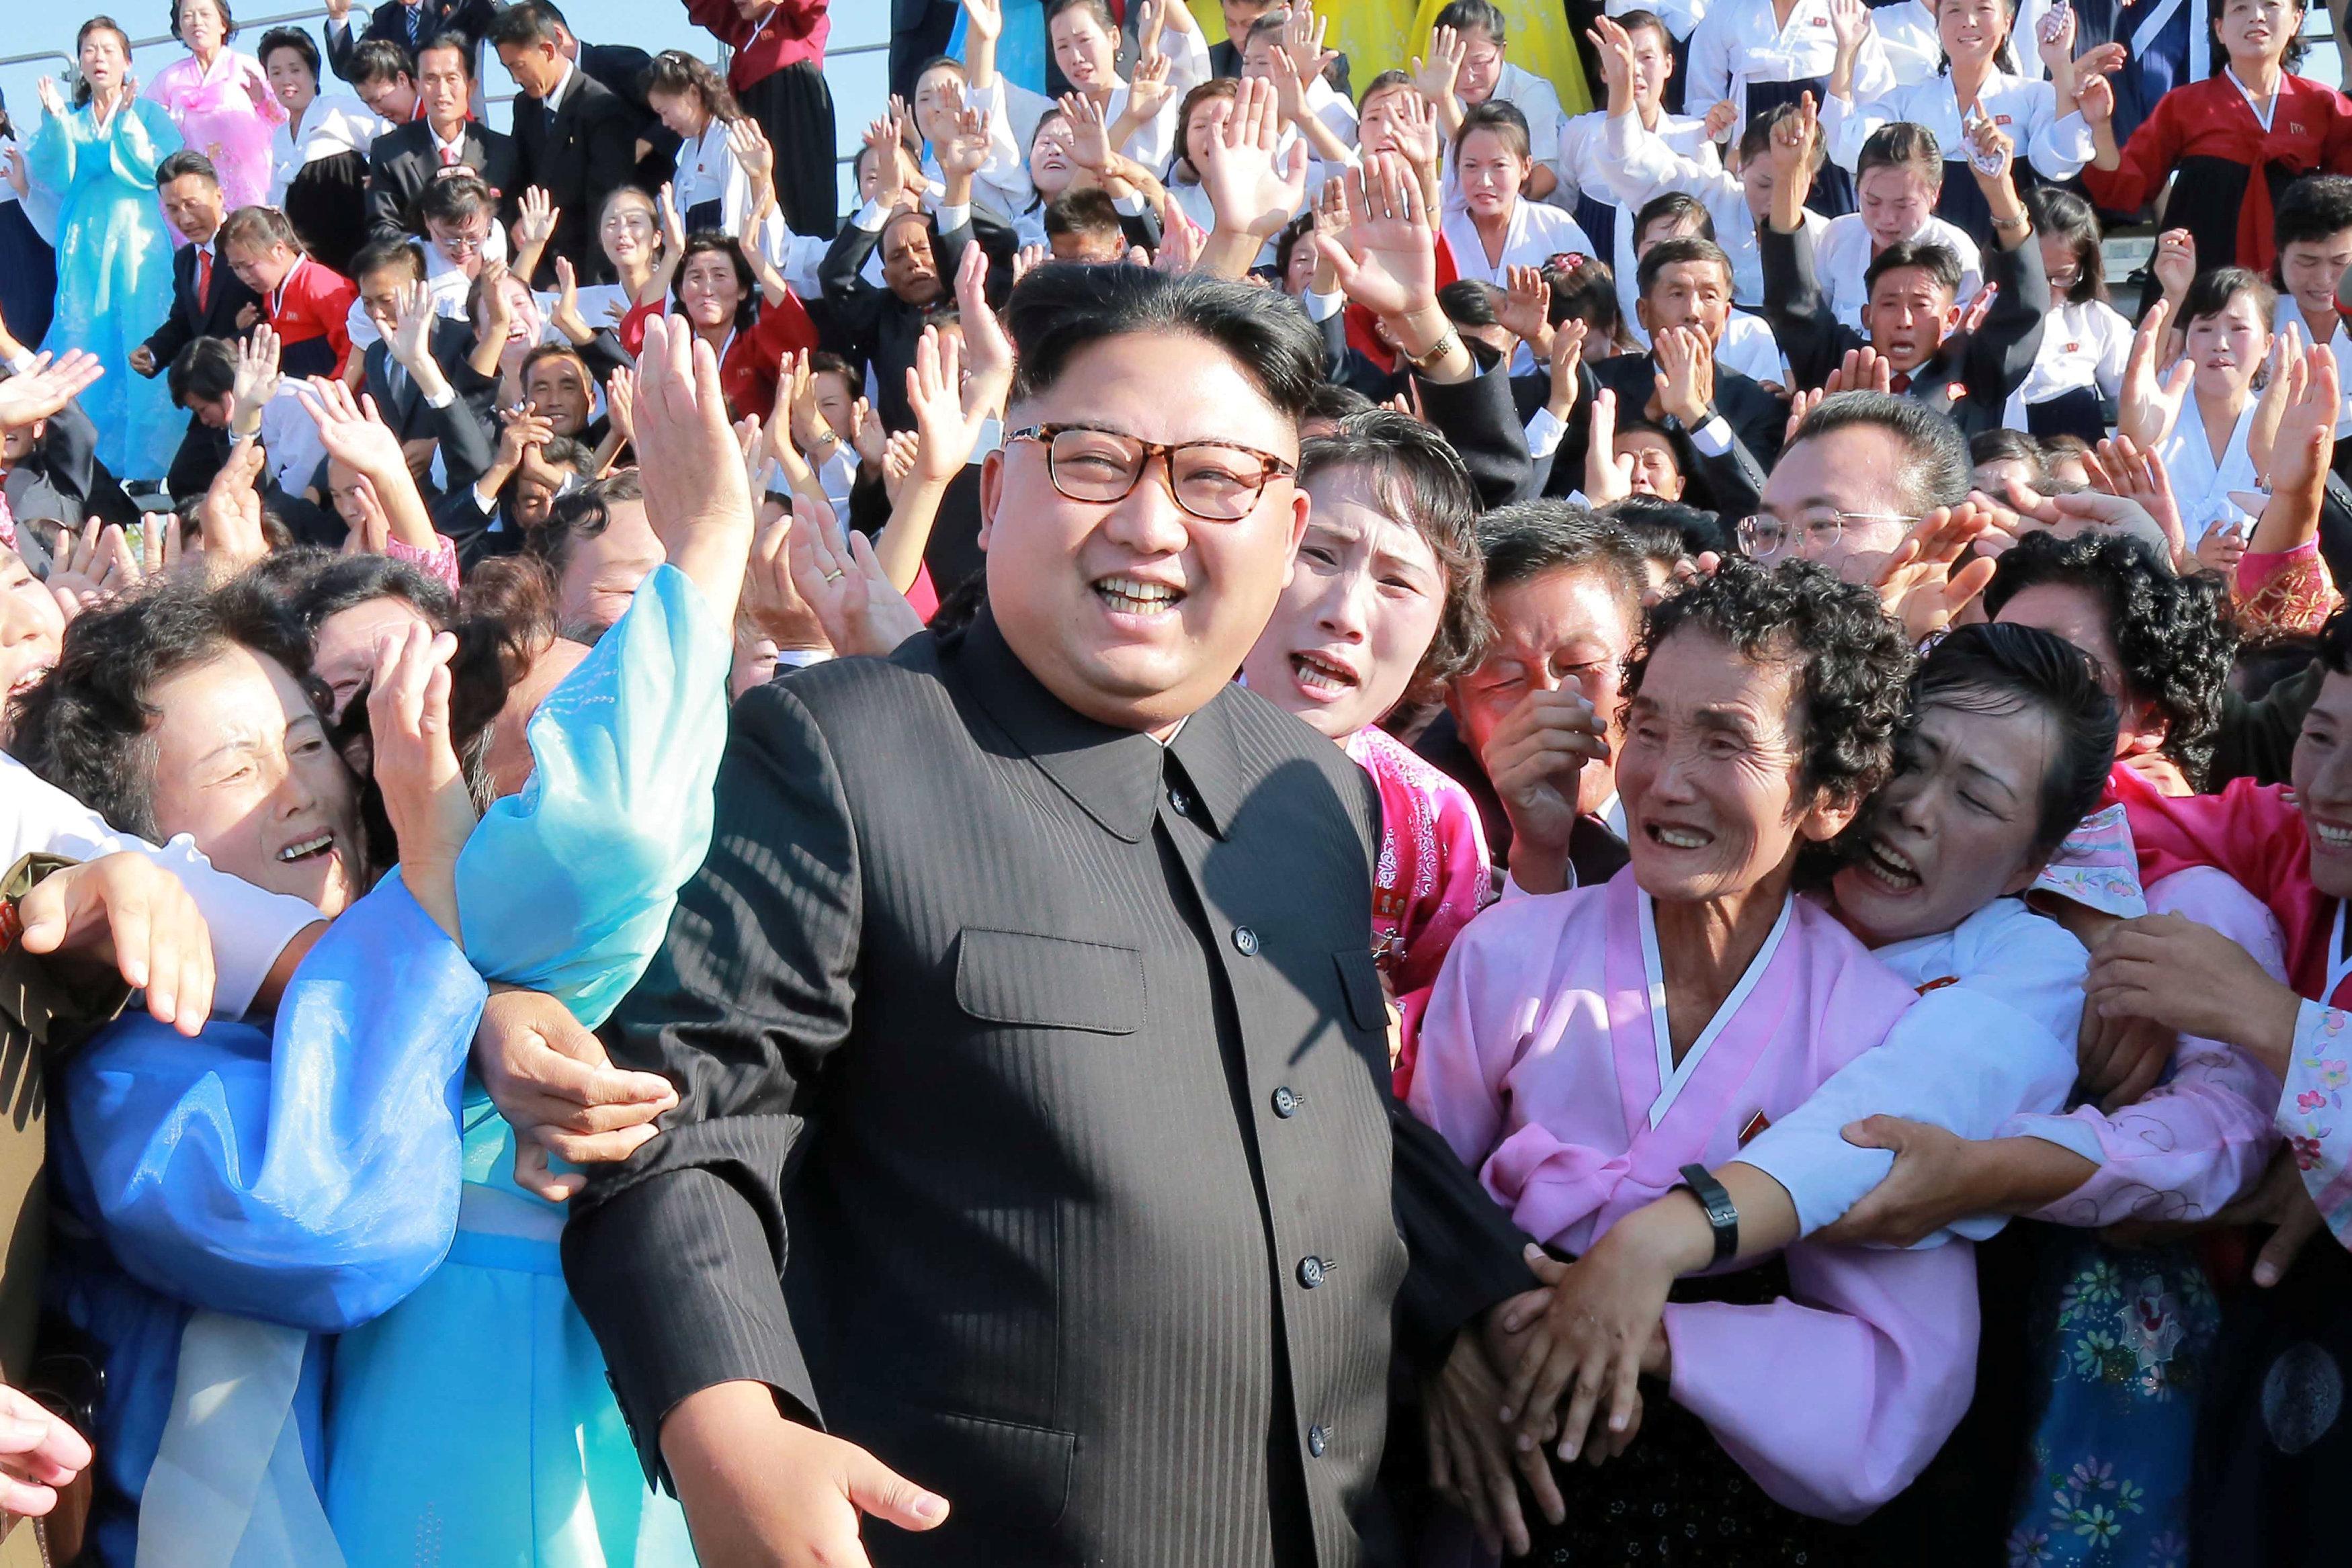 Triều Tiên bị Liên Hiệp Quốc trừng phạt nặng nề hơn - Ảnh 1.